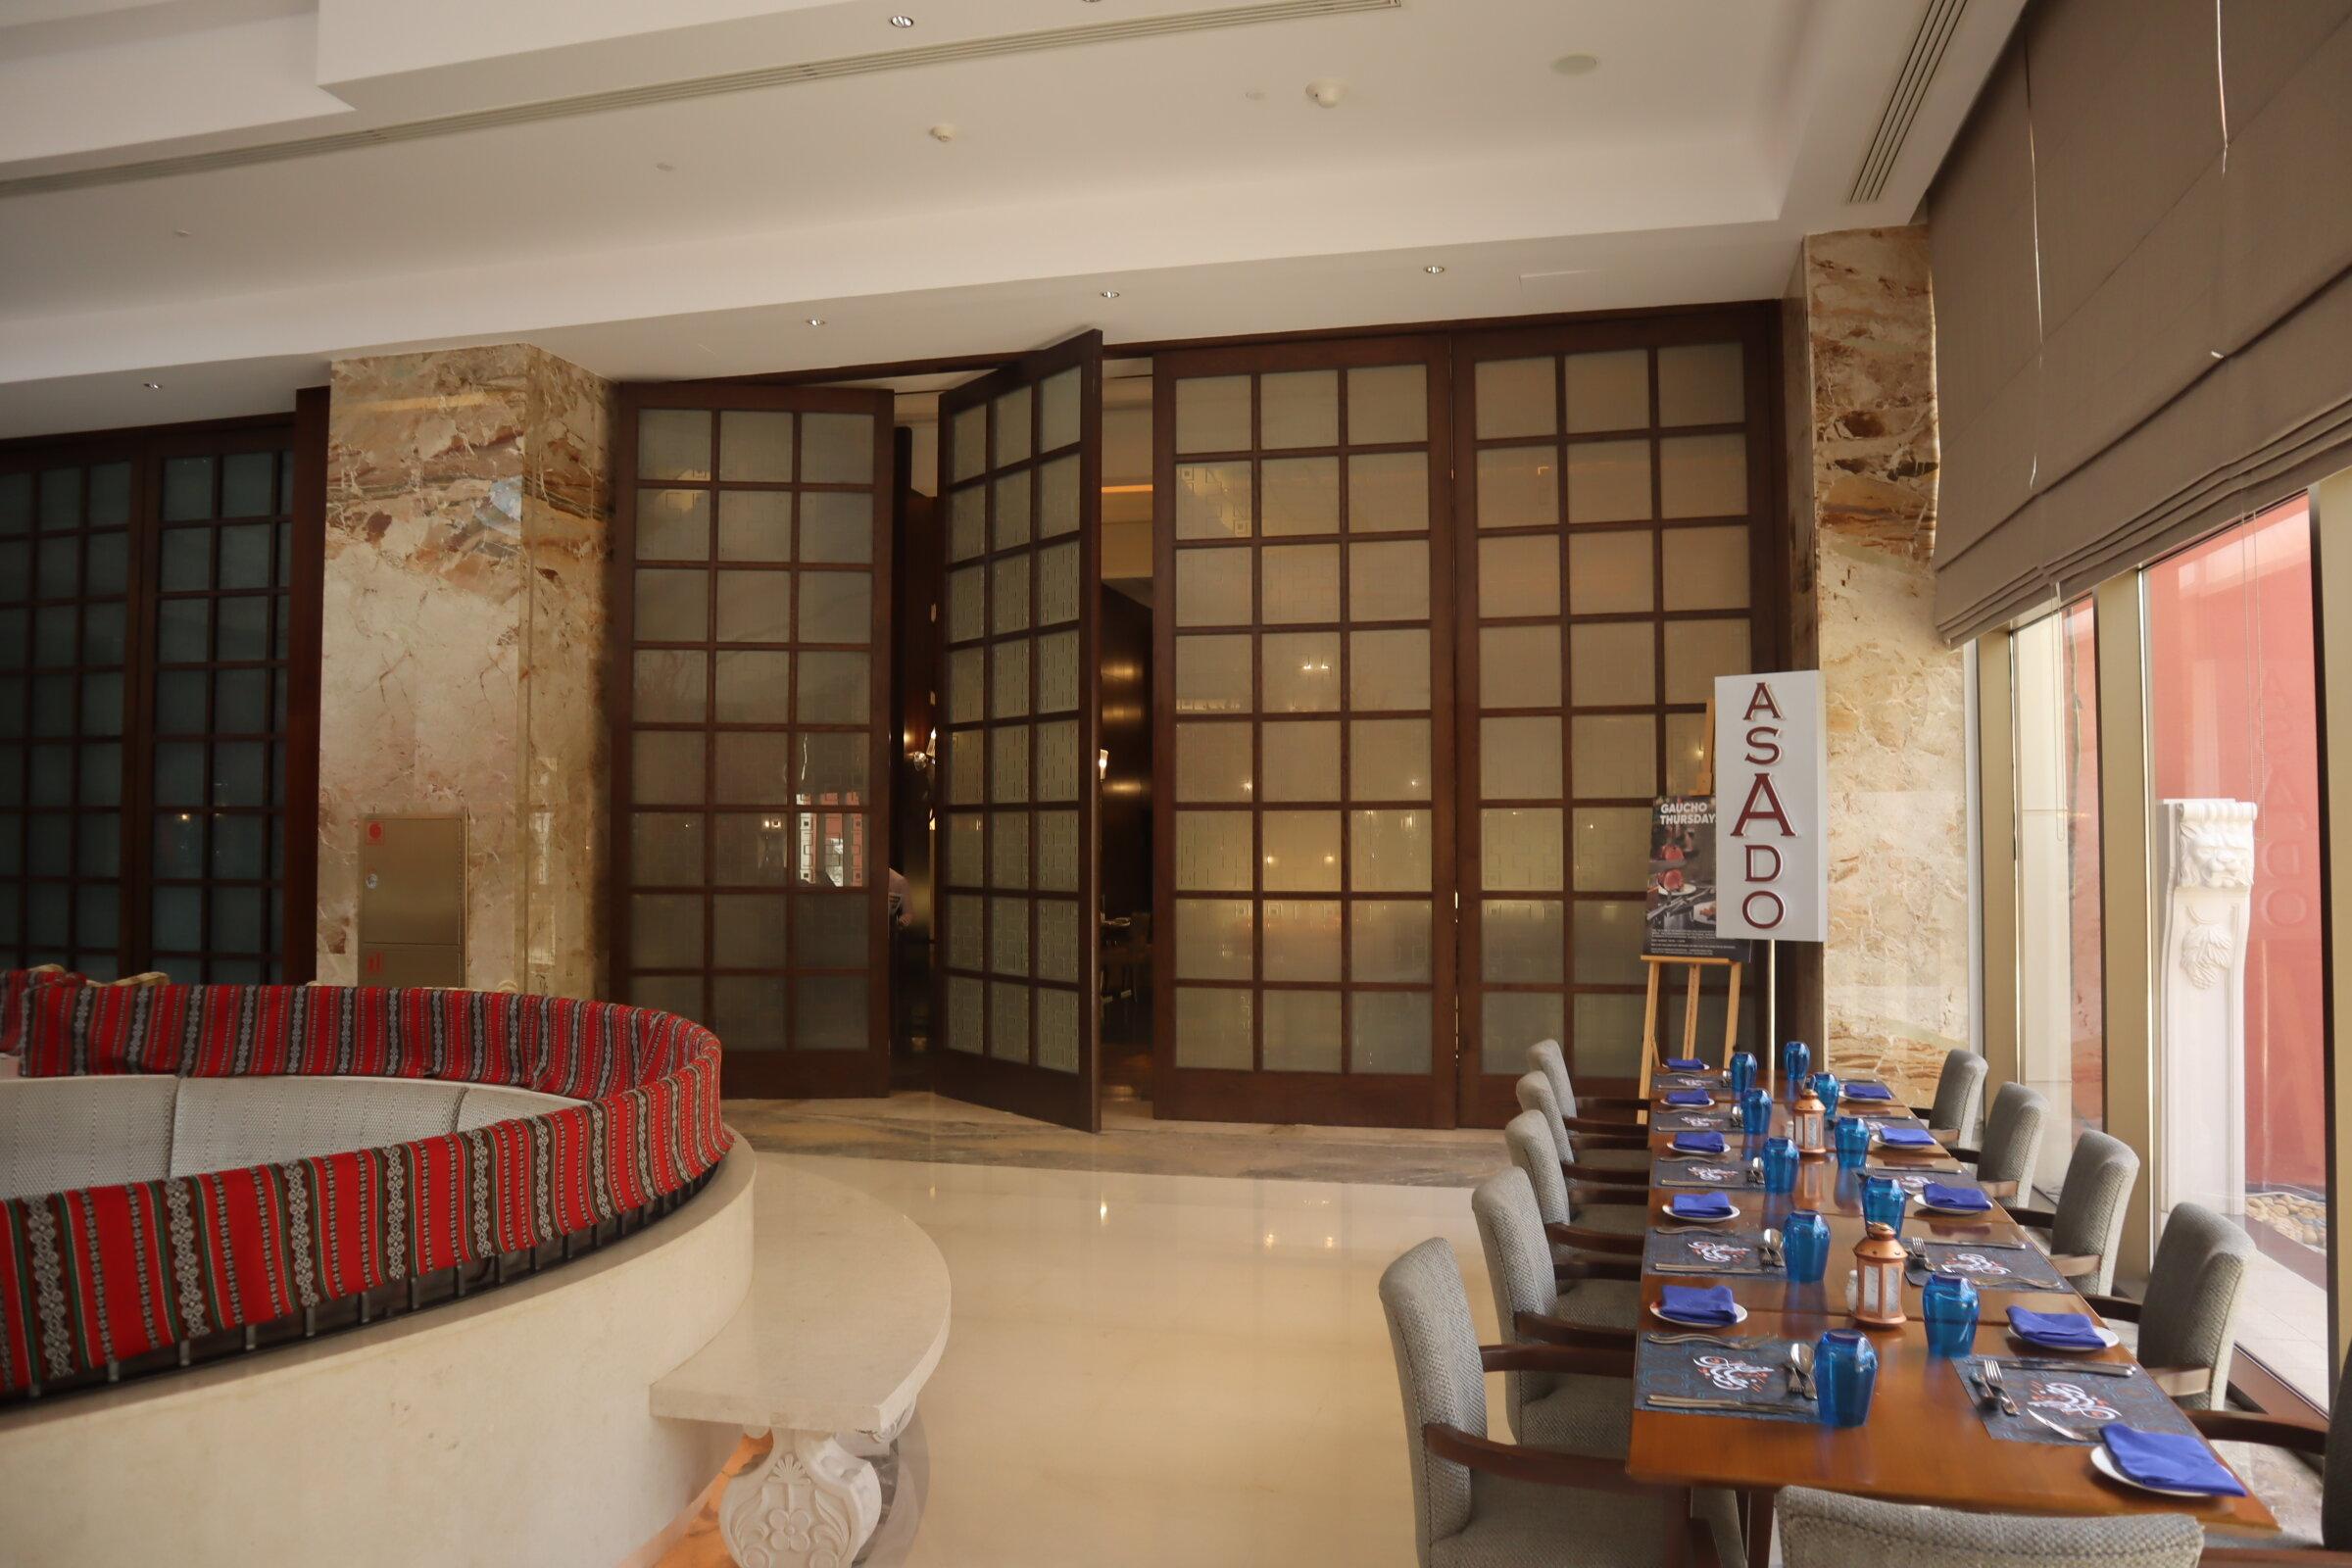 Sheraton Oman – Asado restaurant